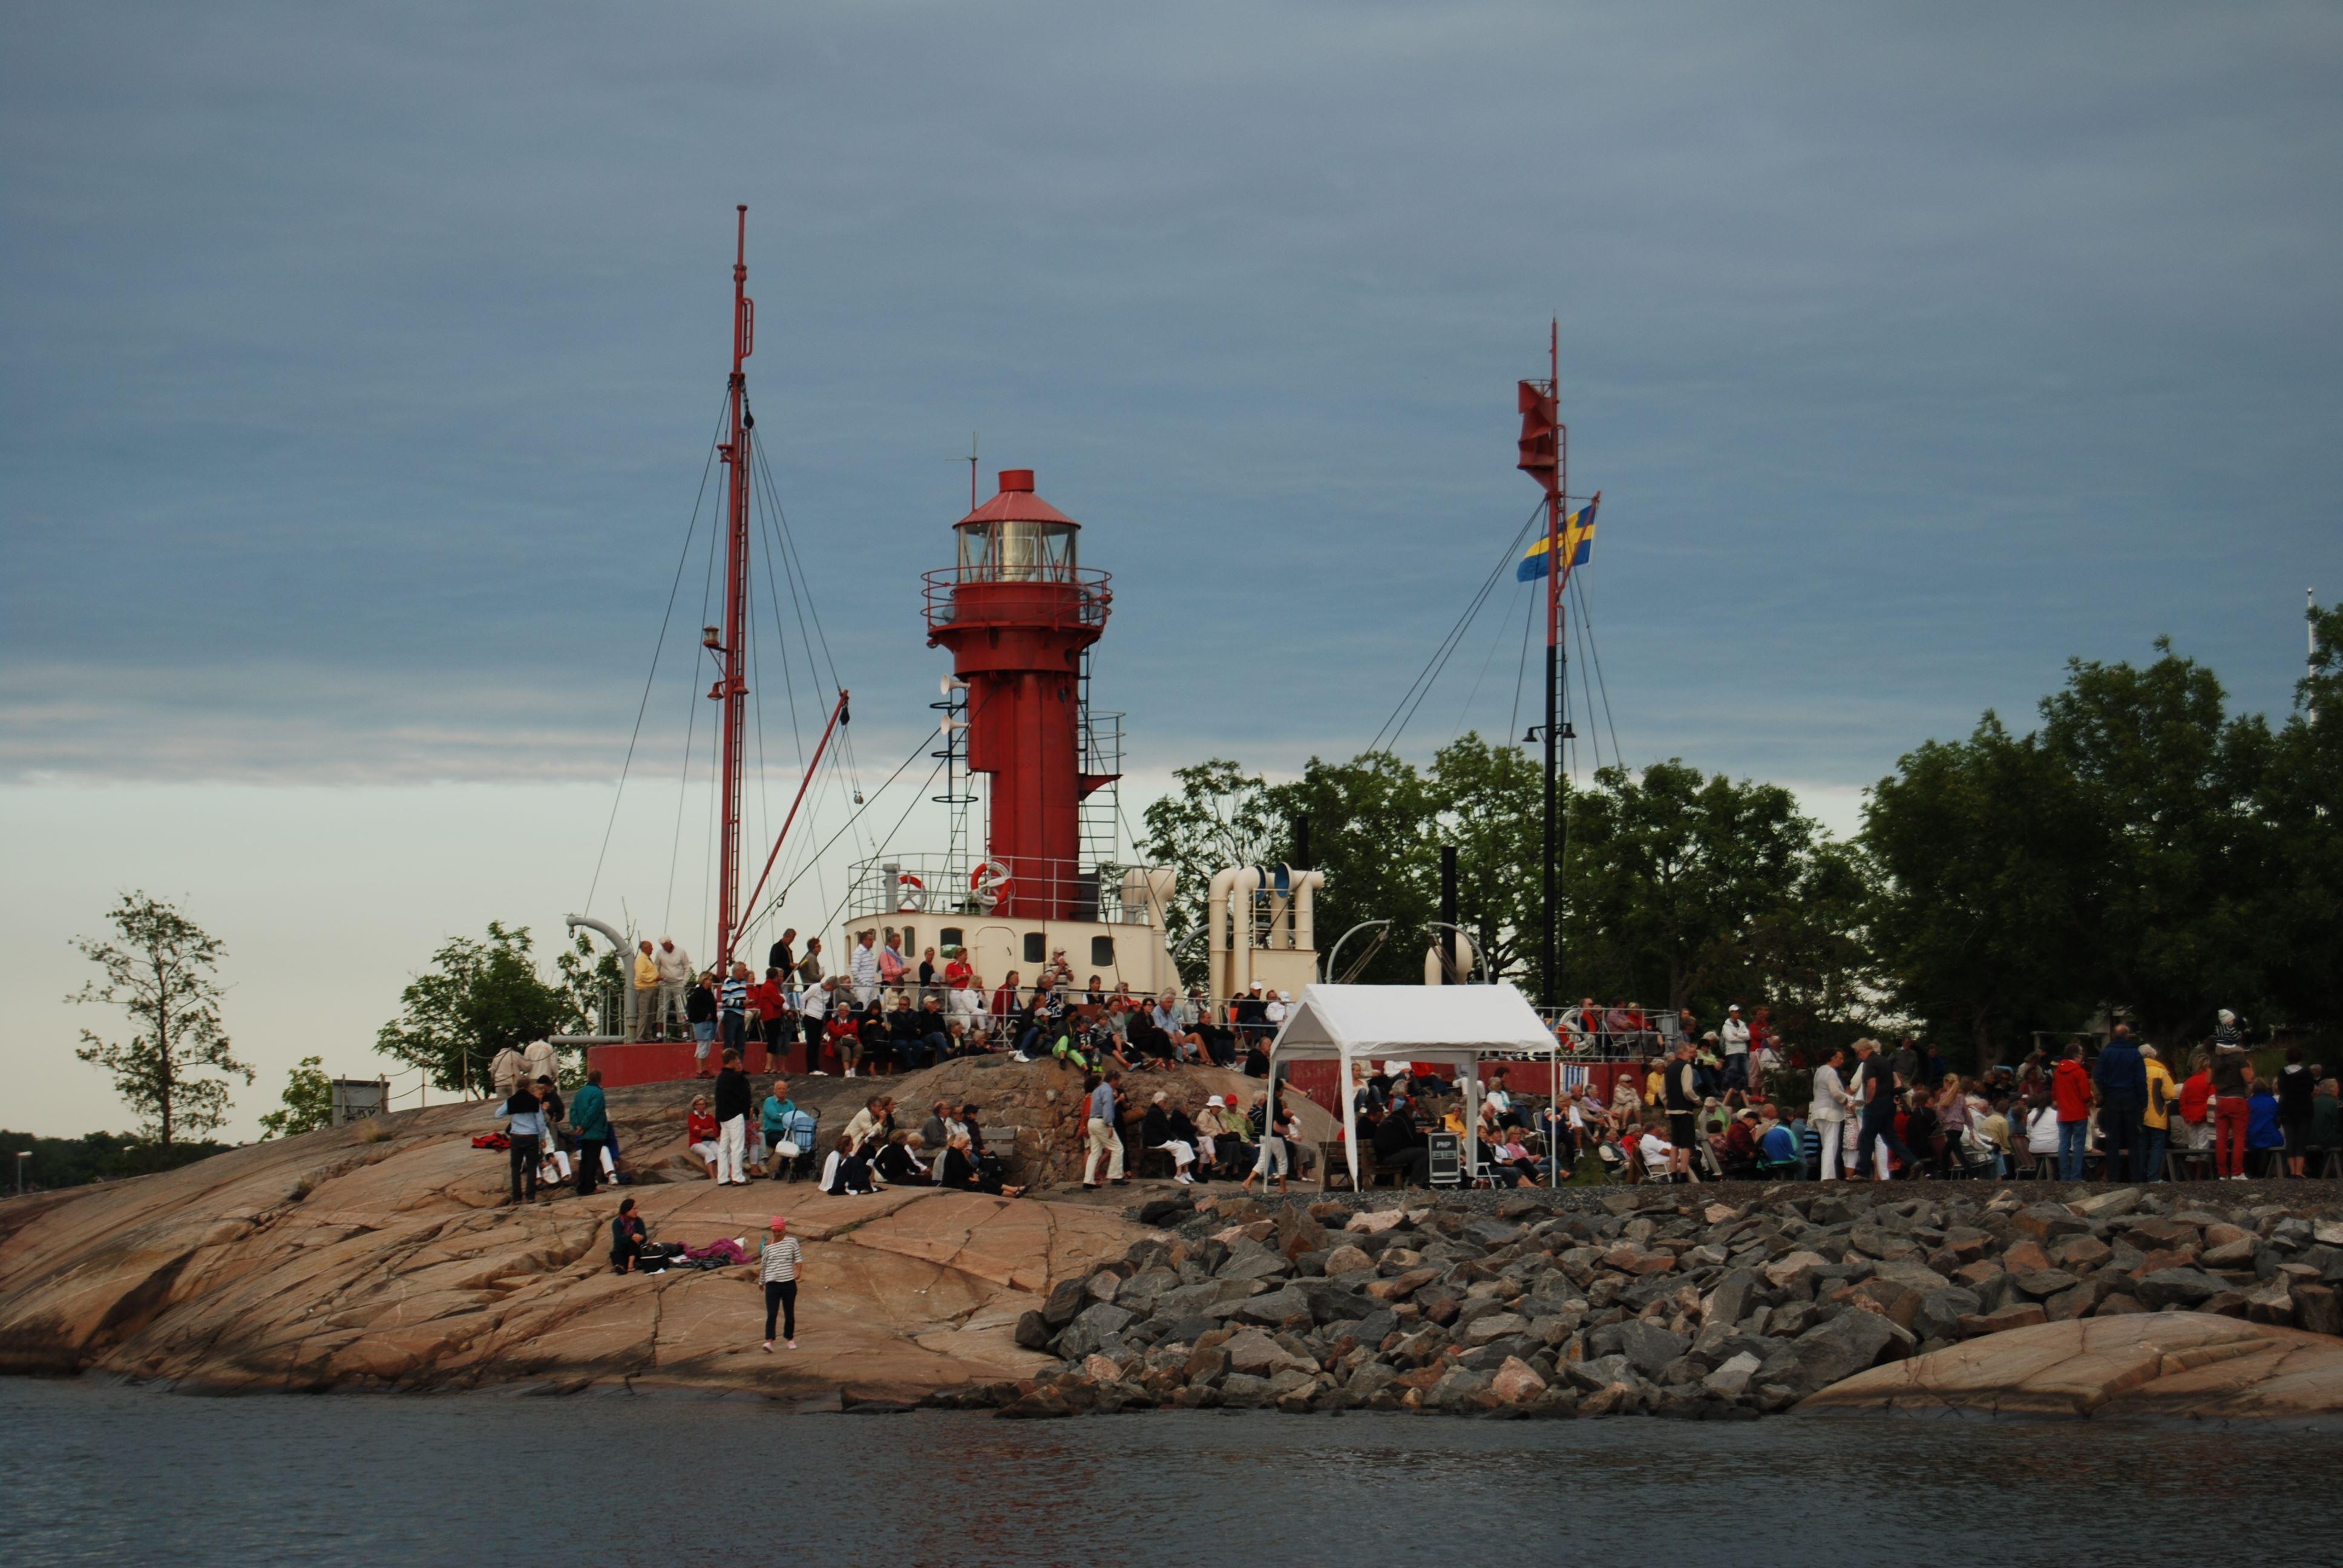 Stadsvandring - Lotsarna och sjömännens stadsdel Skaten, Öregrund